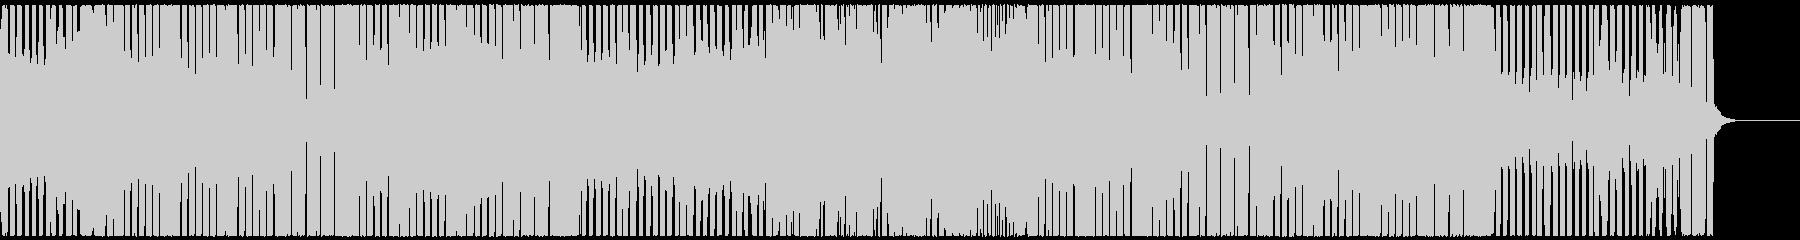 軽快でポジティブなEDMハウス CM映像の未再生の波形